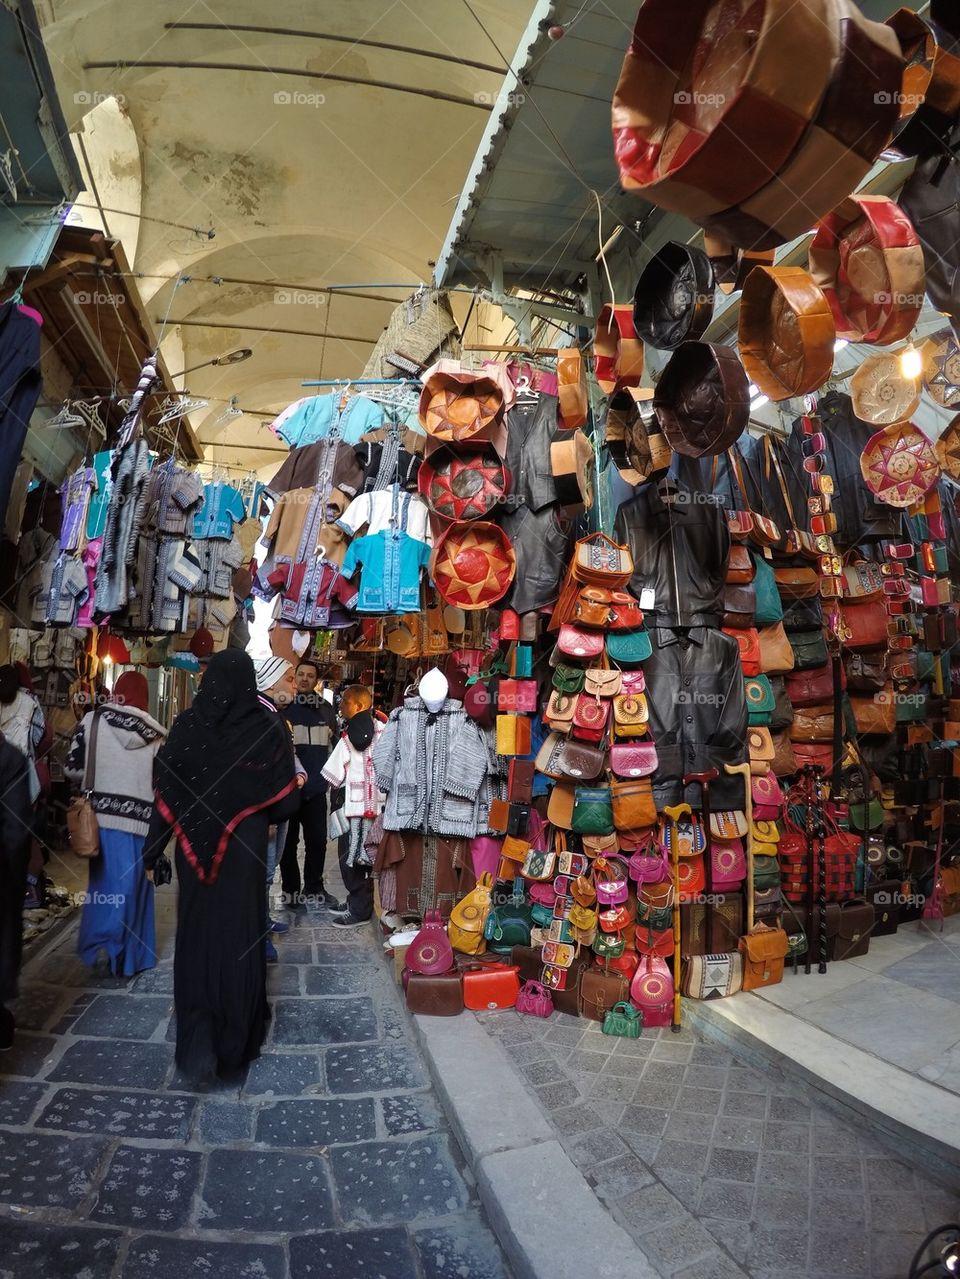 The medina market/ old town in Tunis, Tunisia